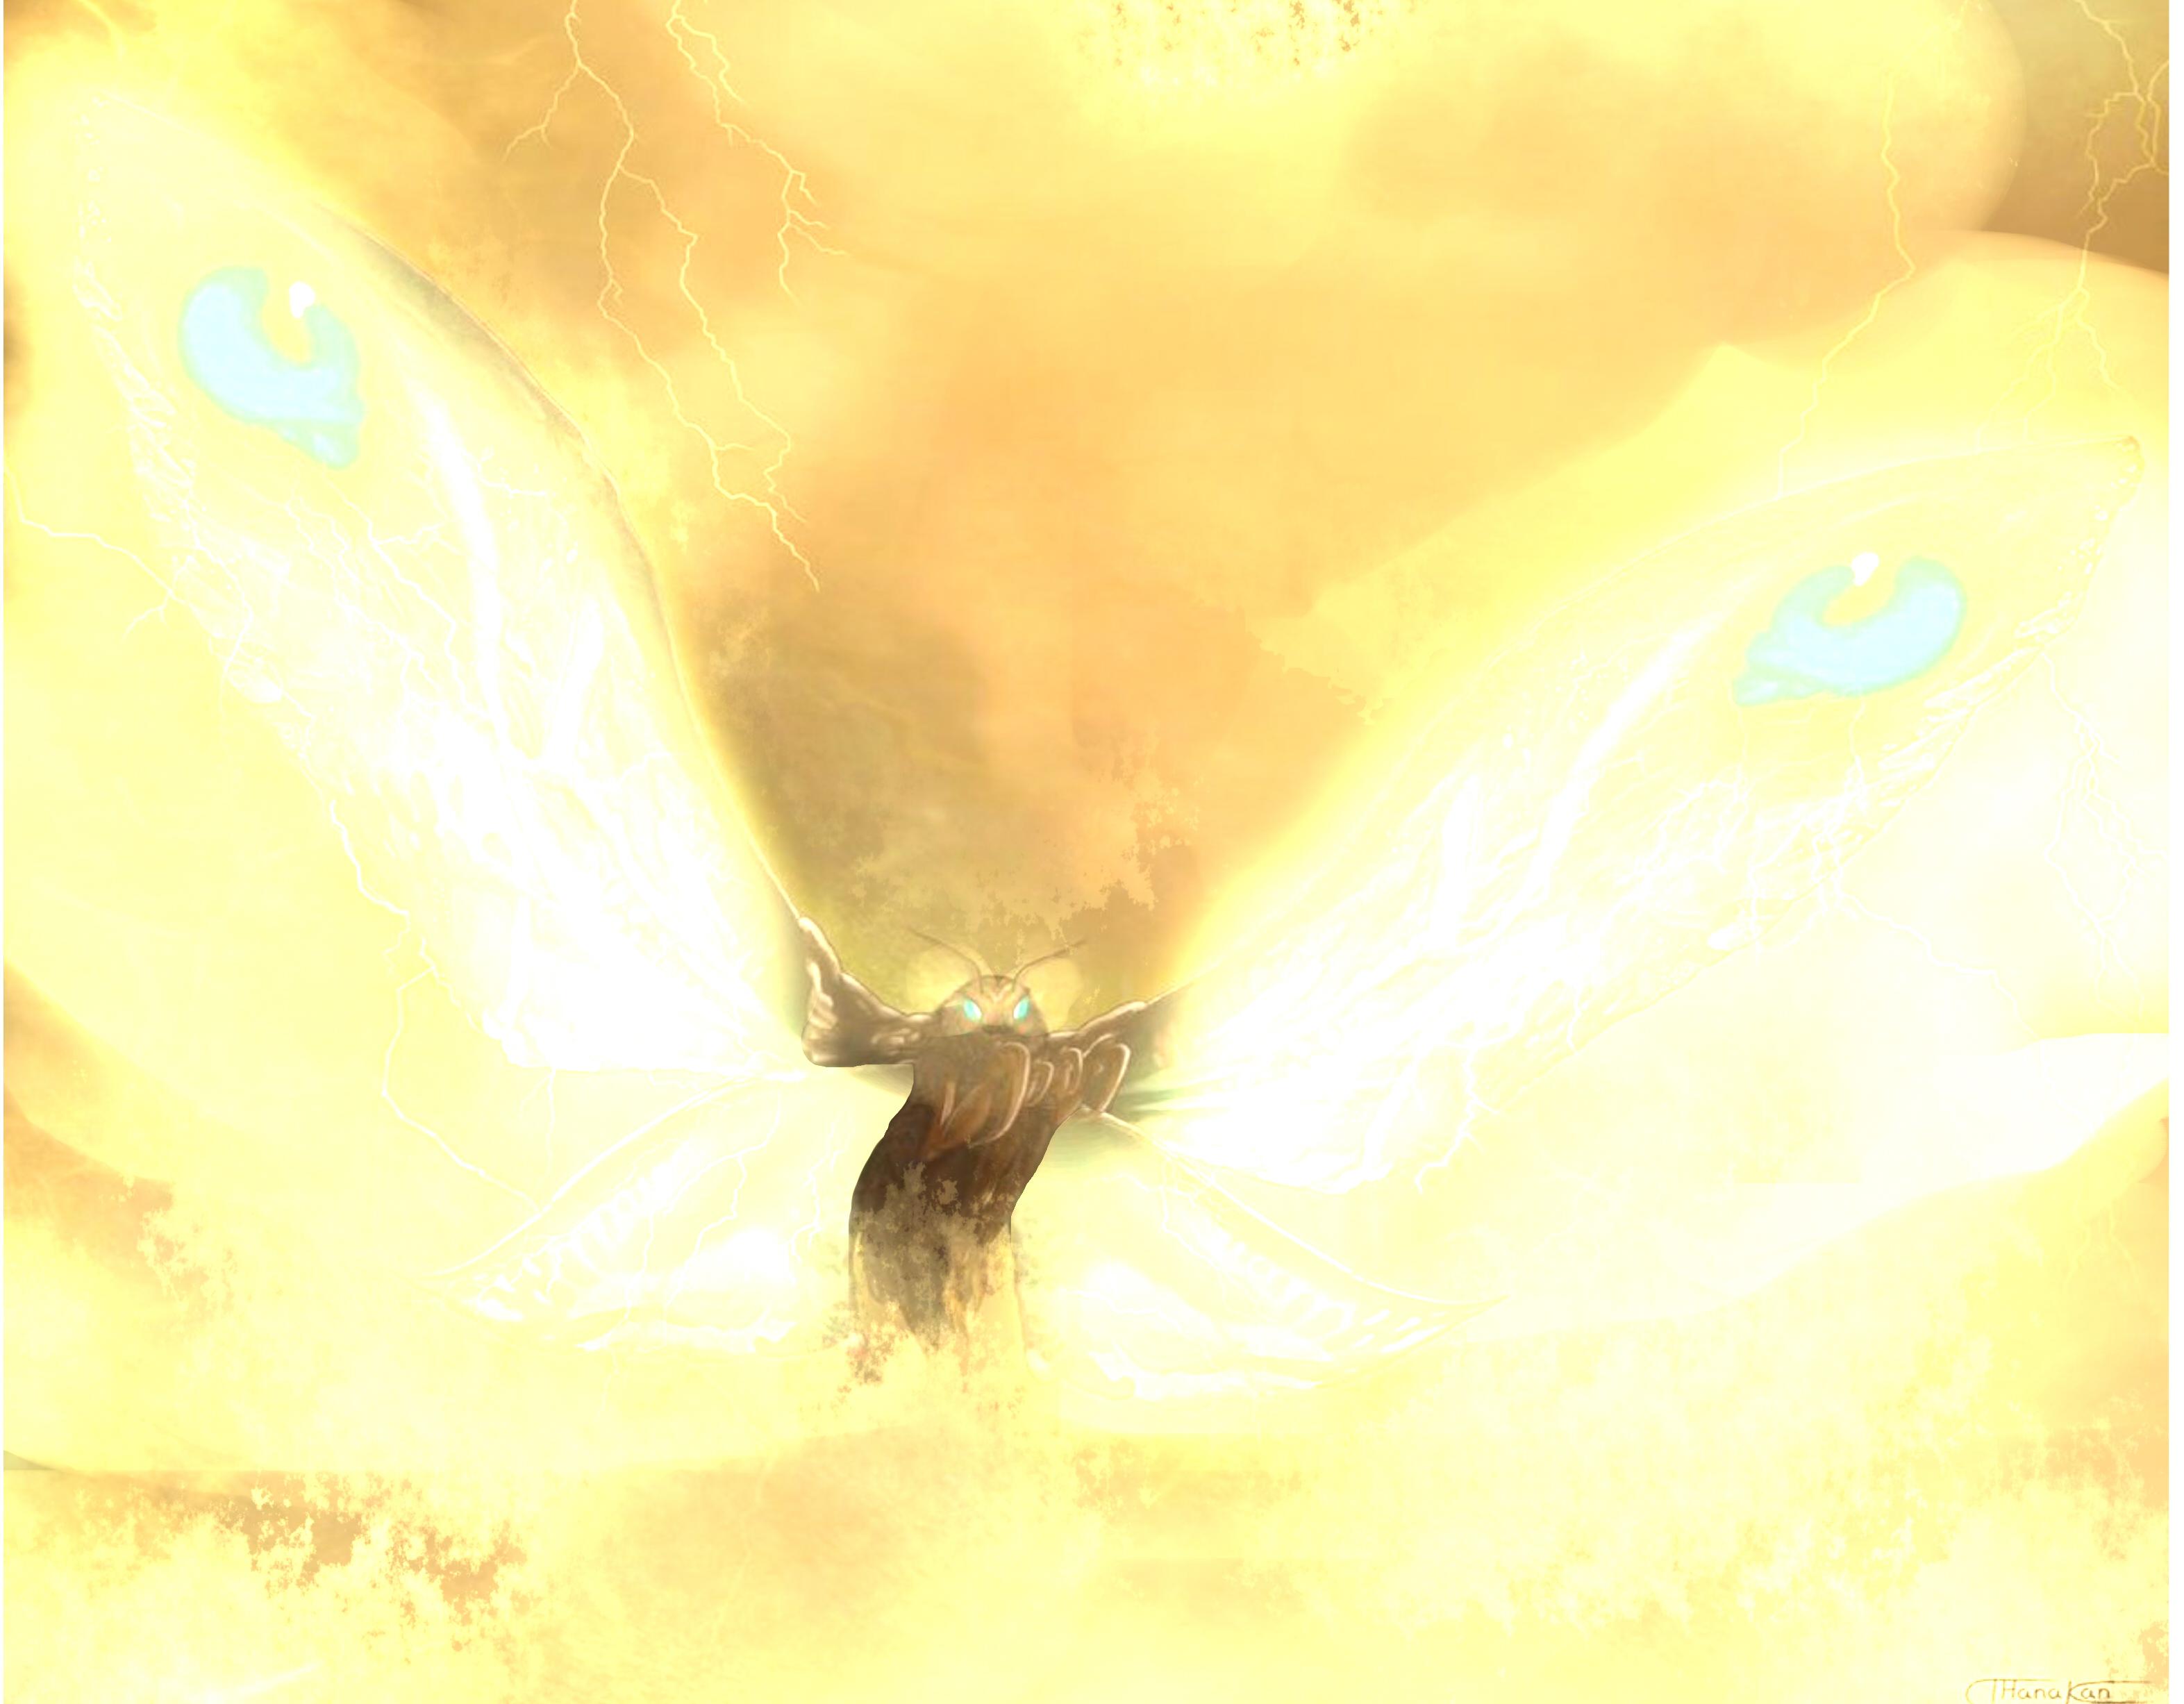 Una visita  inesperada:Cielos dorados